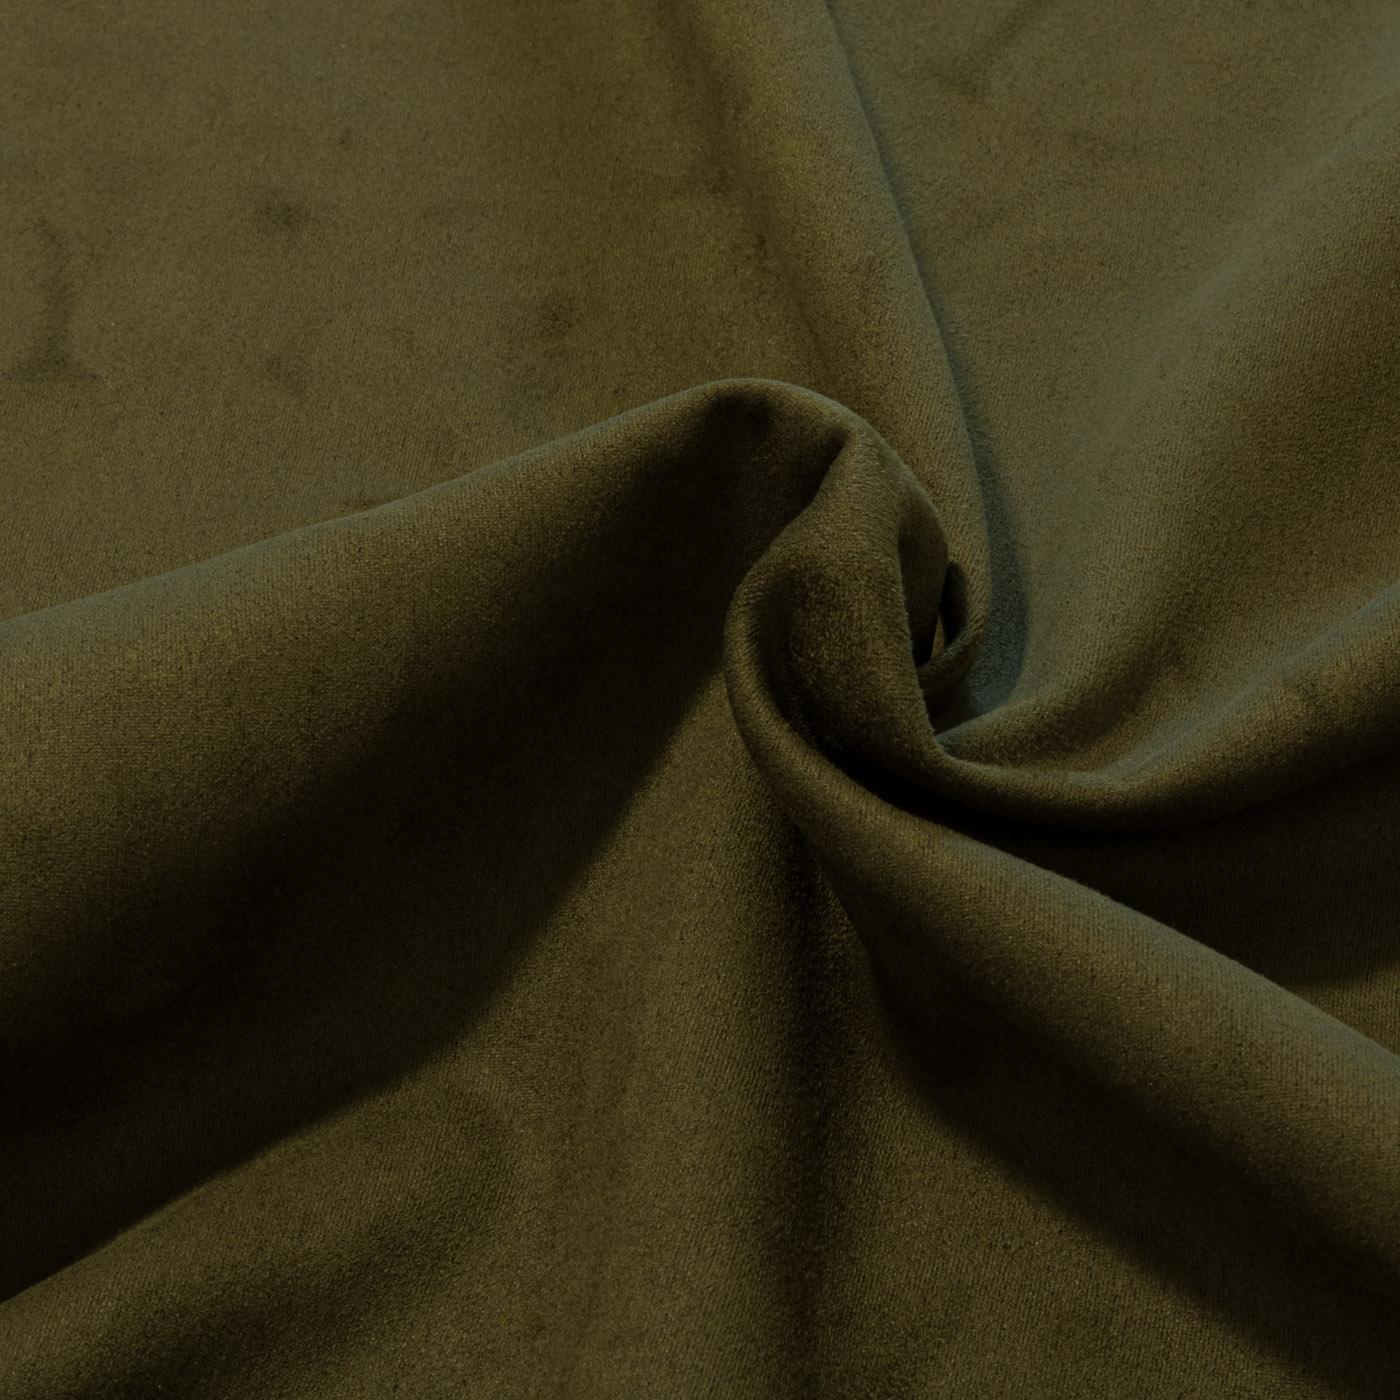 Tecido Malha Suede Verde Militar Liso Neo Scuba Com Elastano